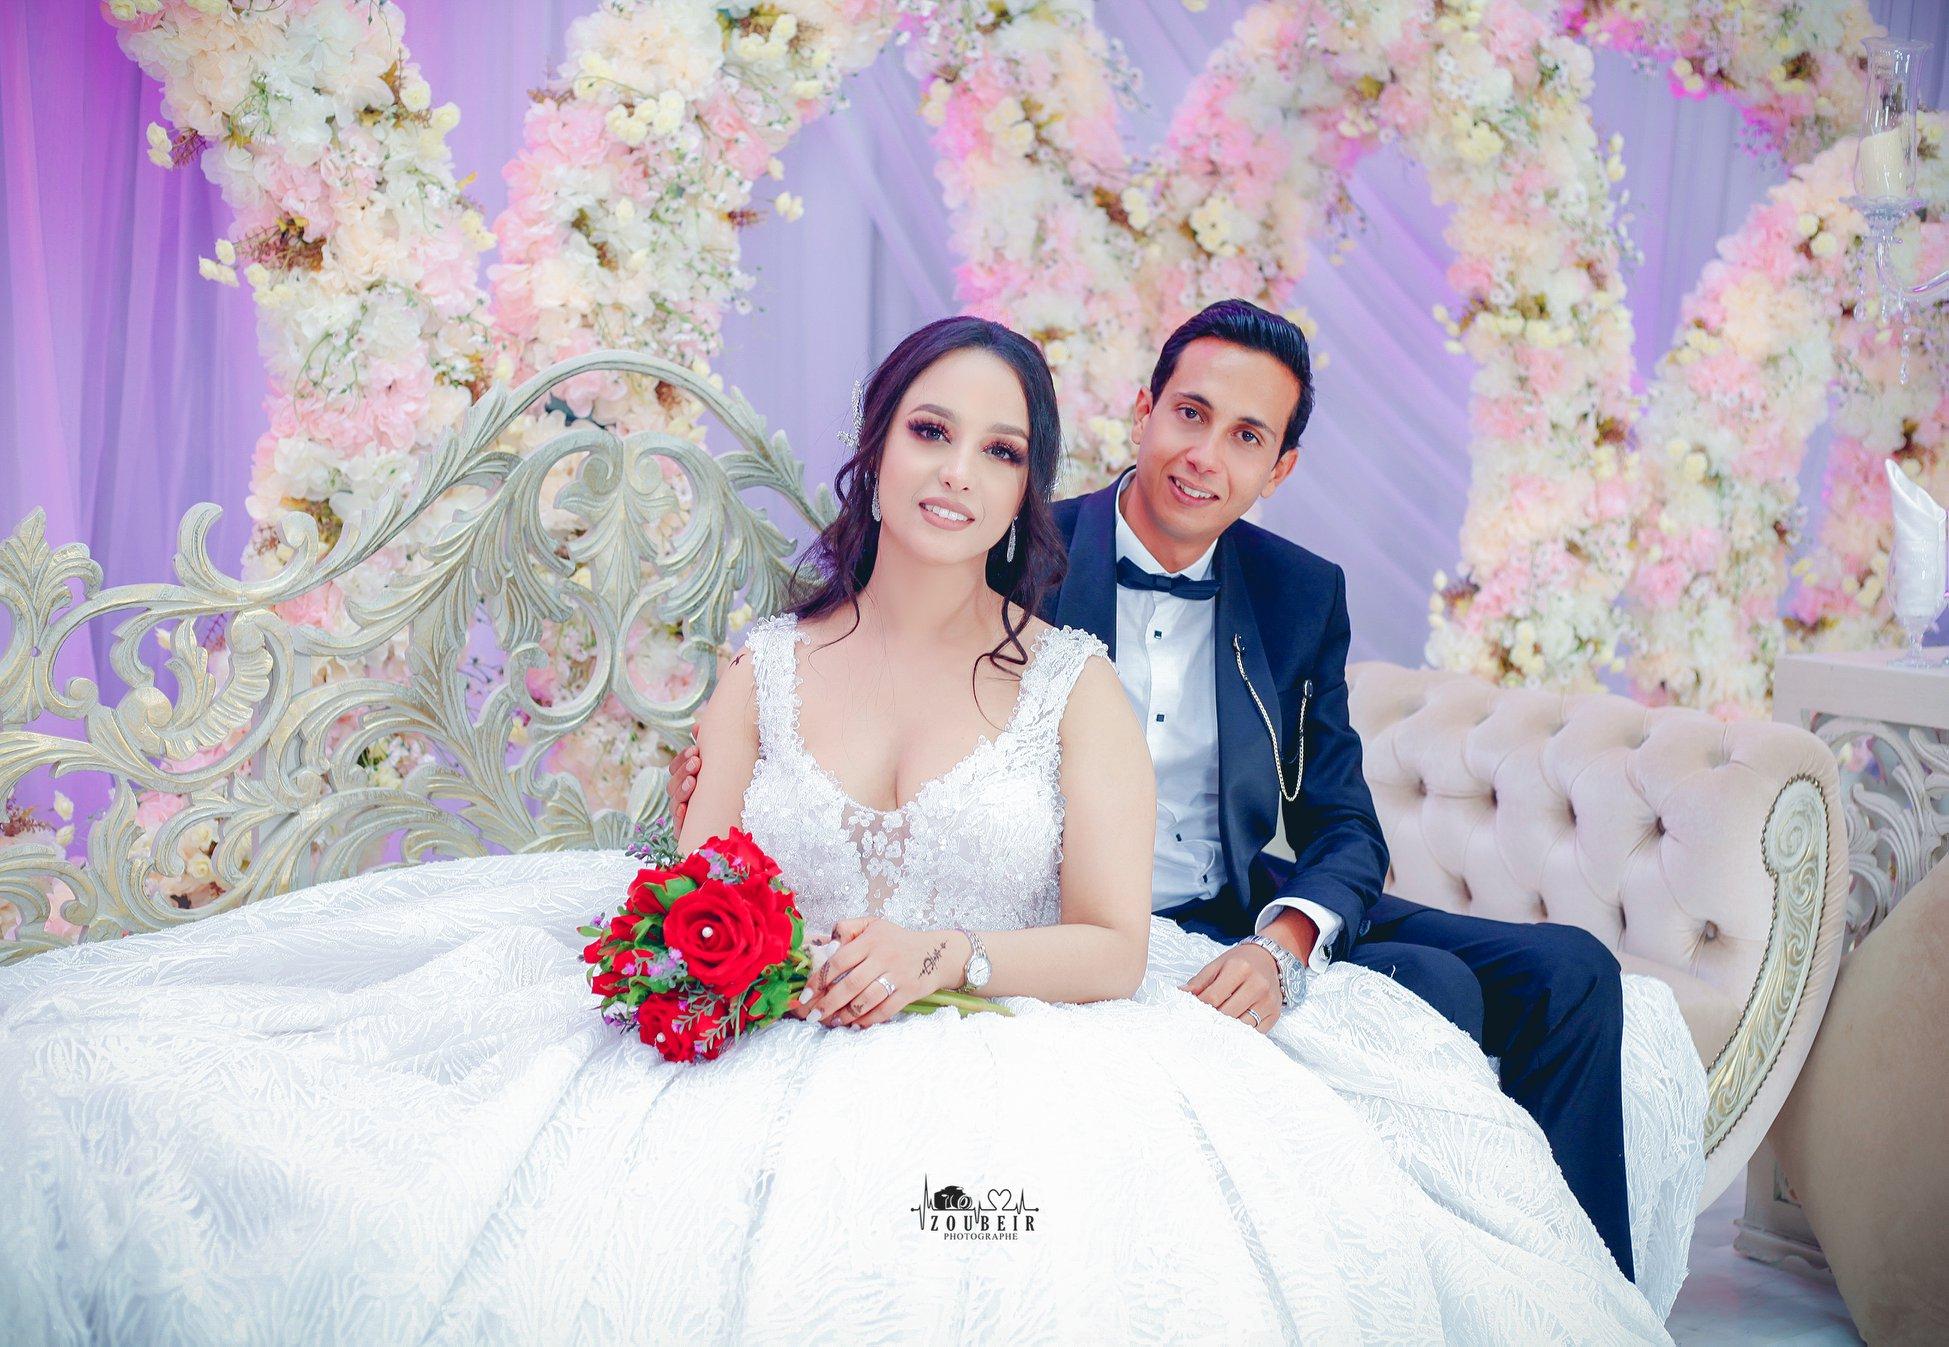 imen4_plus_belles_mariées_tunisiennes_186_2019